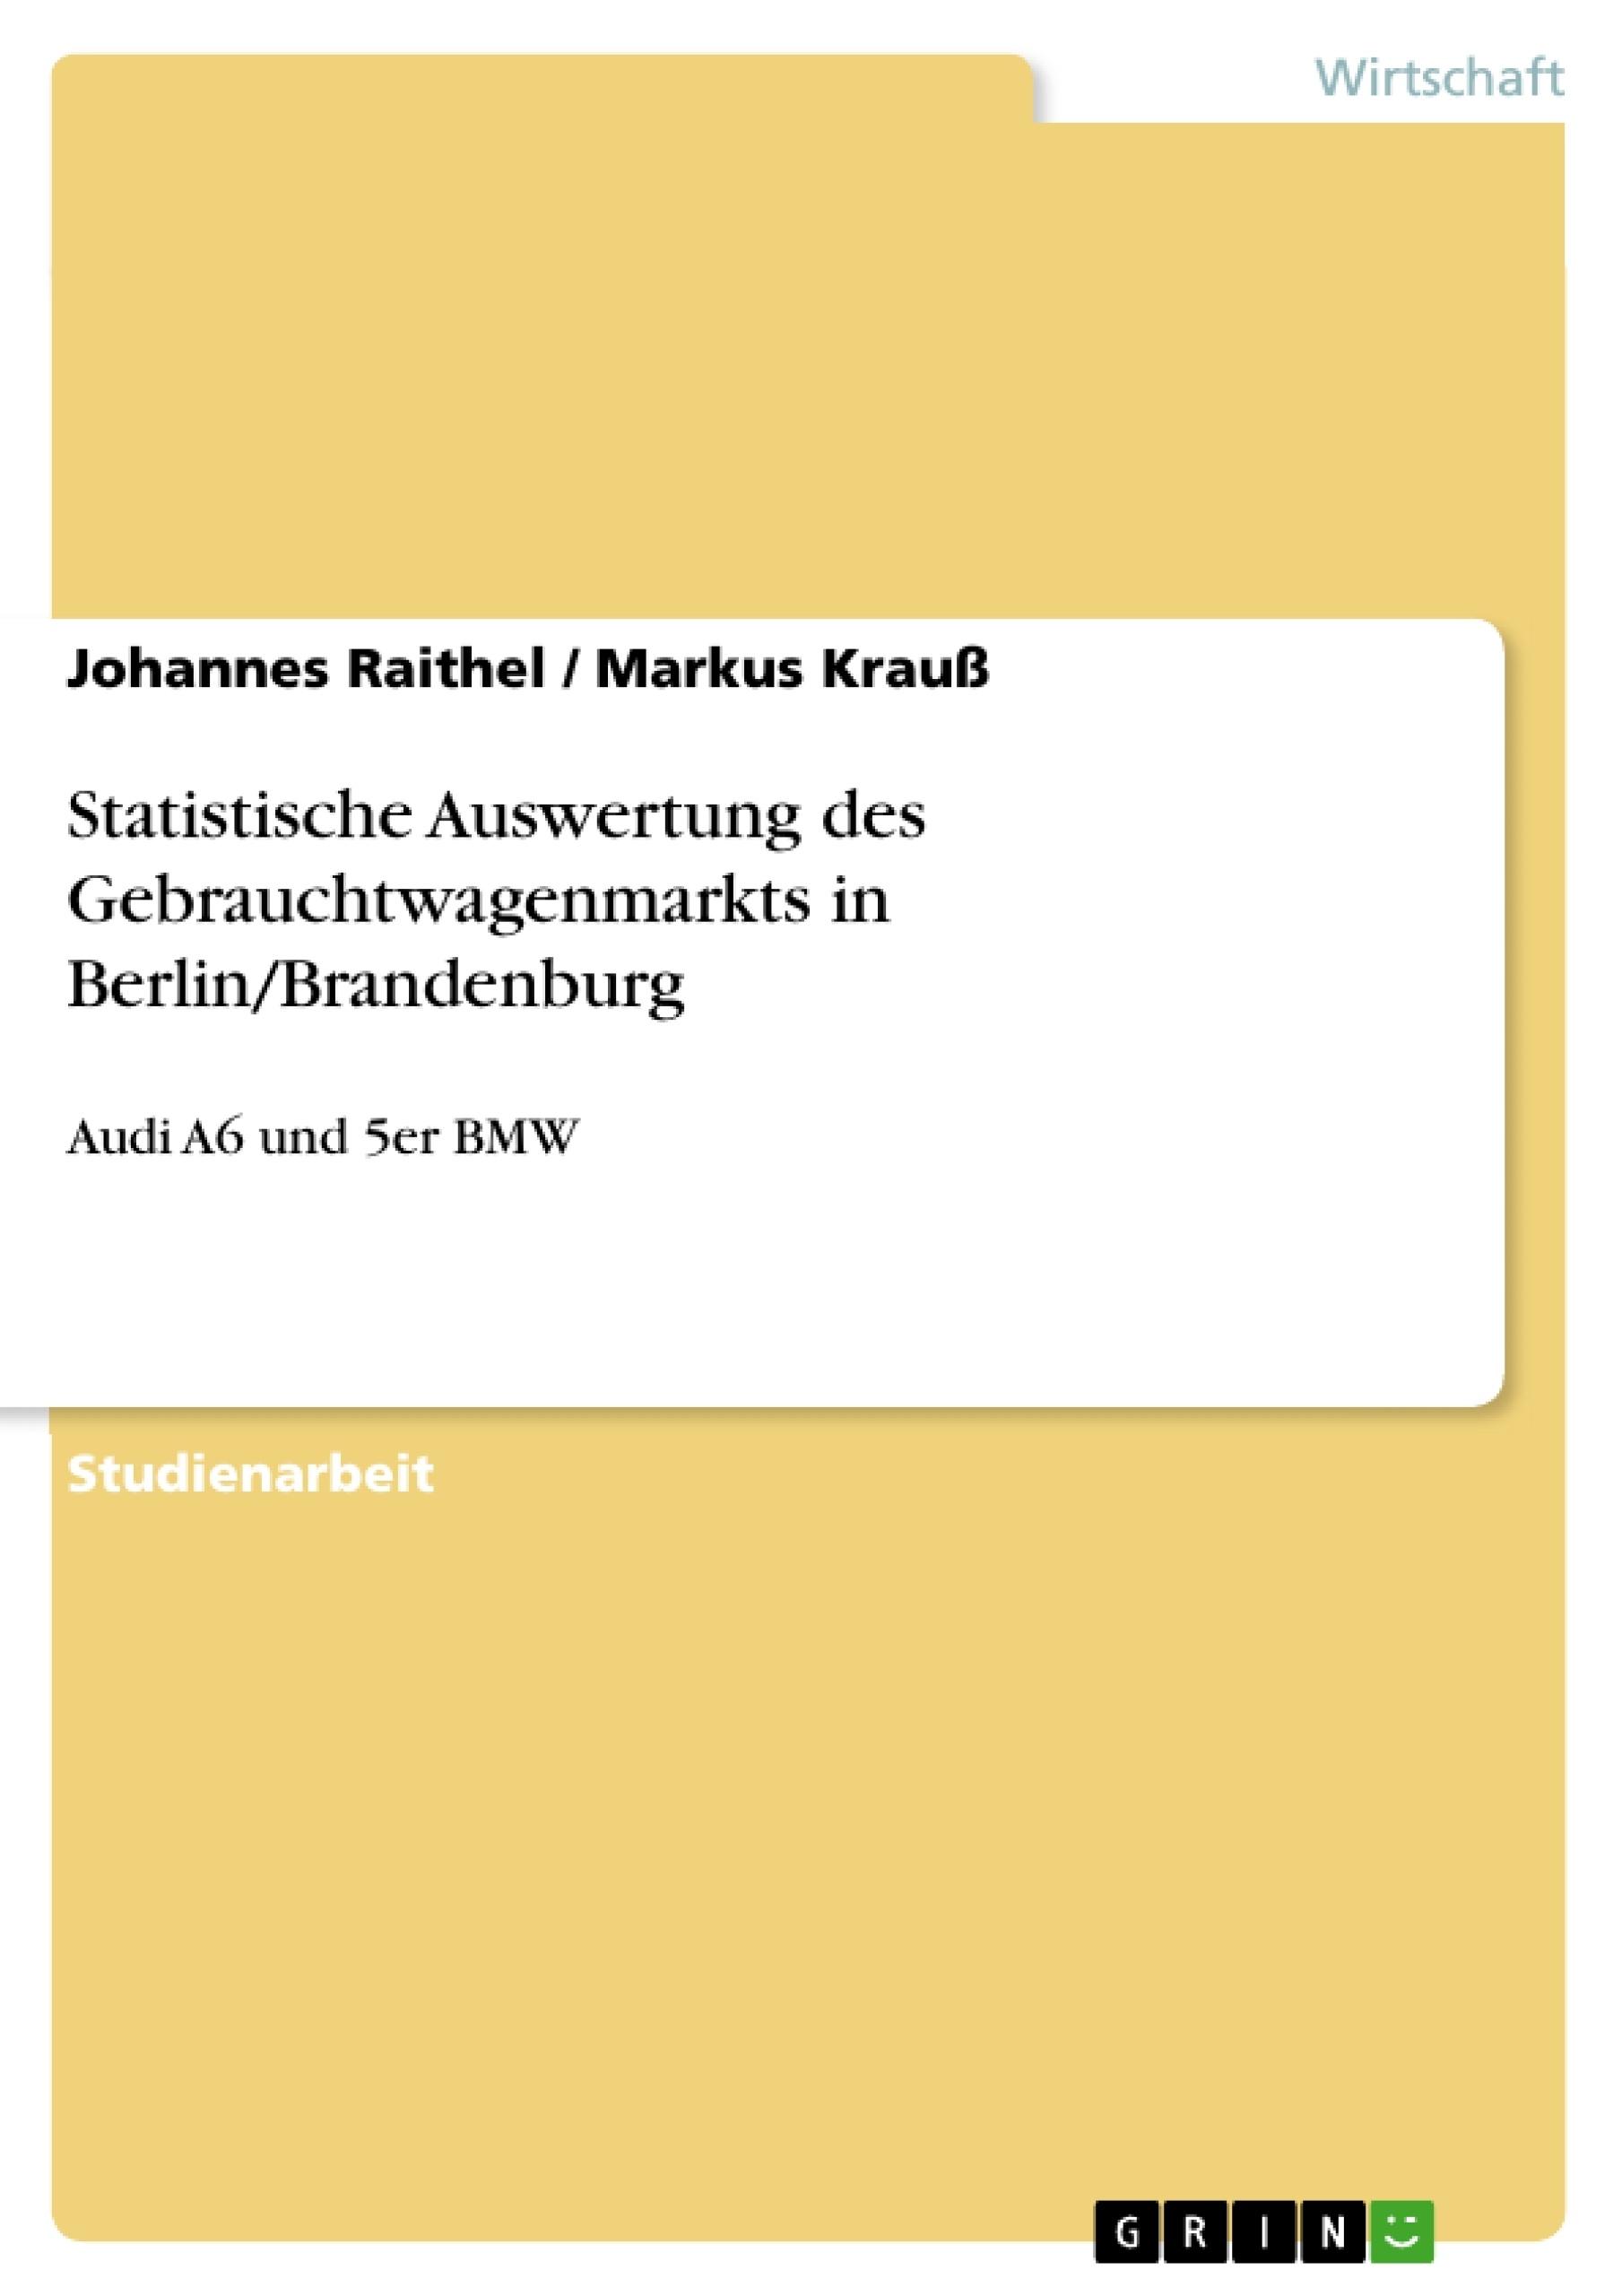 Titel: Statistische Auswertung des Gebrauchtwagenmarkts in Berlin/Brandenburg